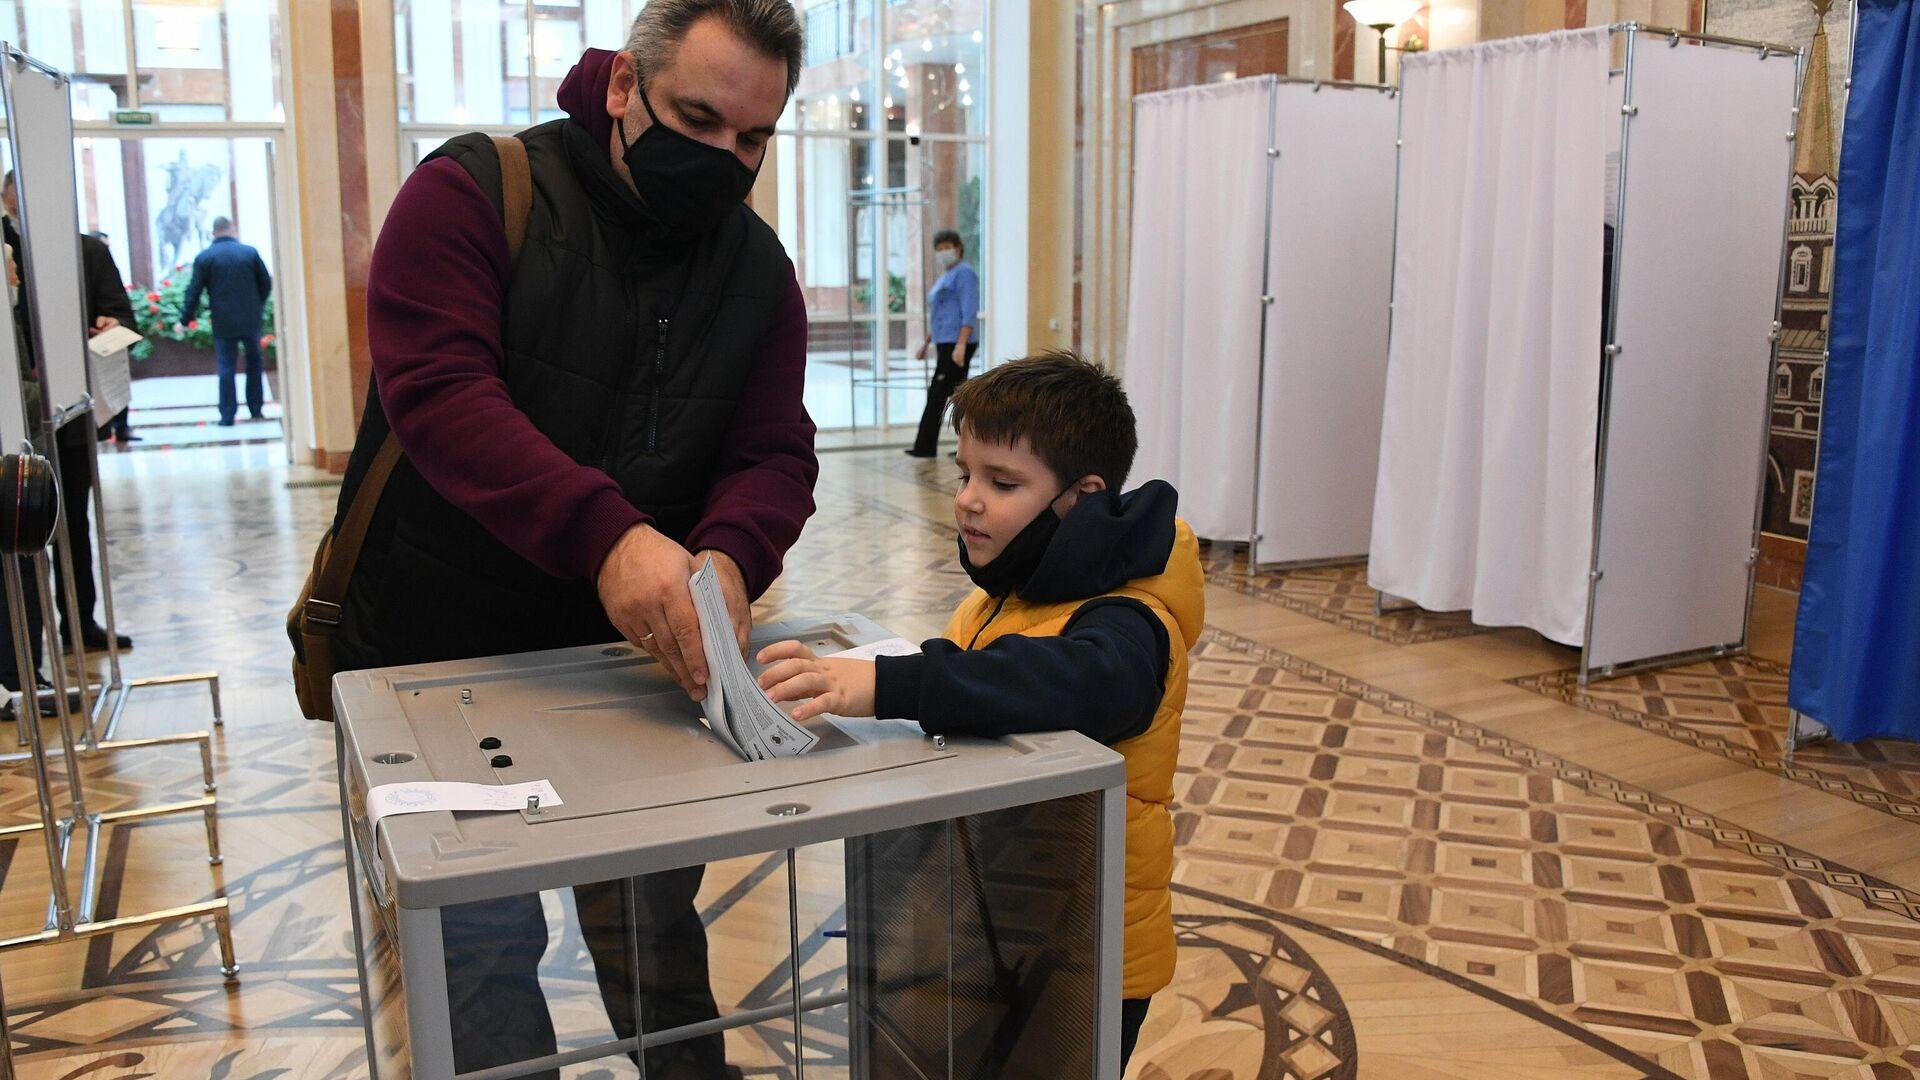 Россиянин Сергей пришел с сыном Сашей, который родился уже в Беларуси - Sputnik Беларусь, 1920, 20.09.2021